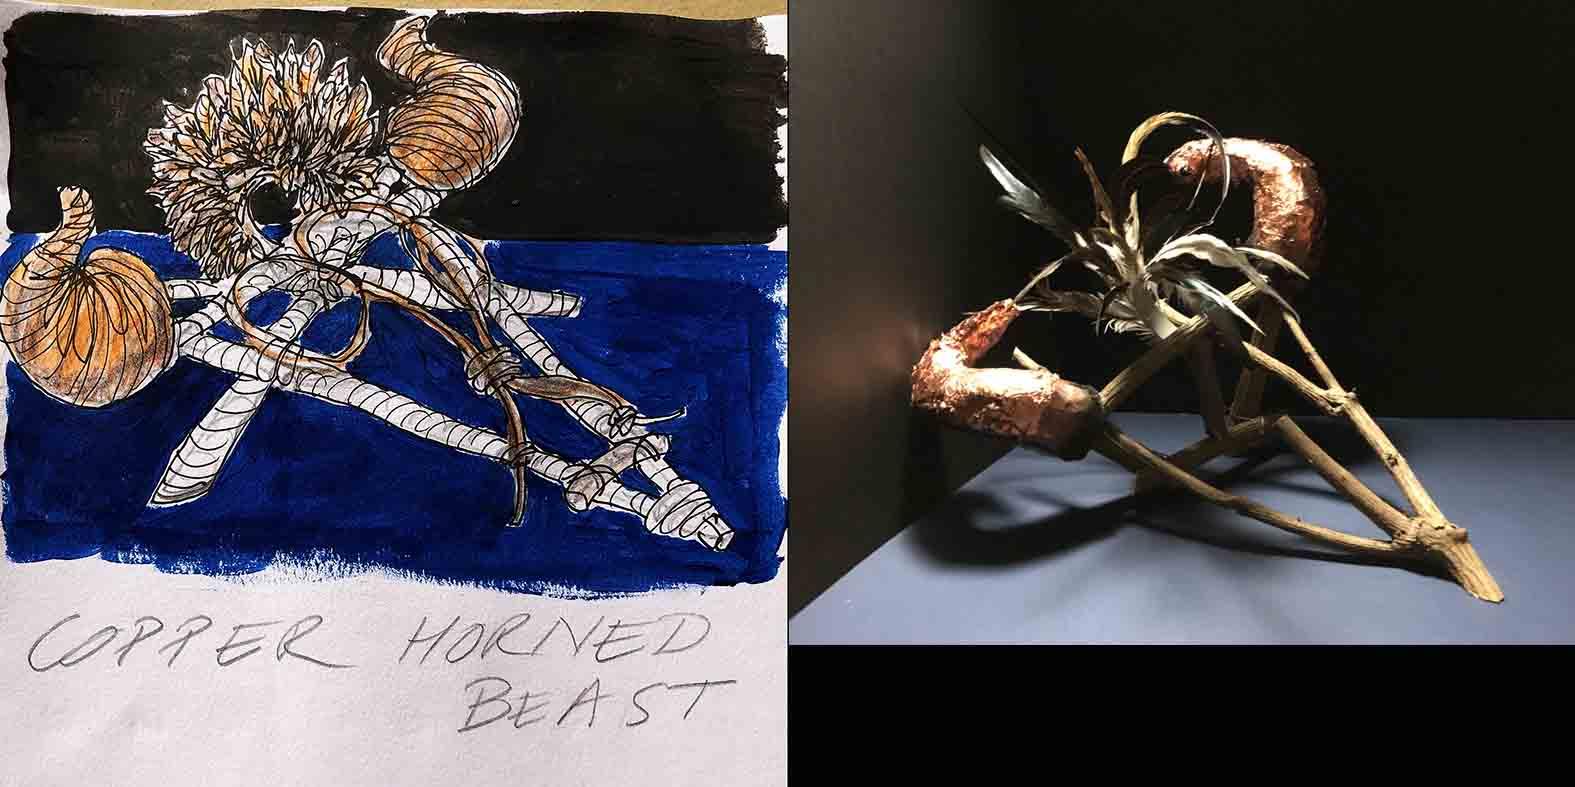 Copper Horned Beast illustration and mock up design